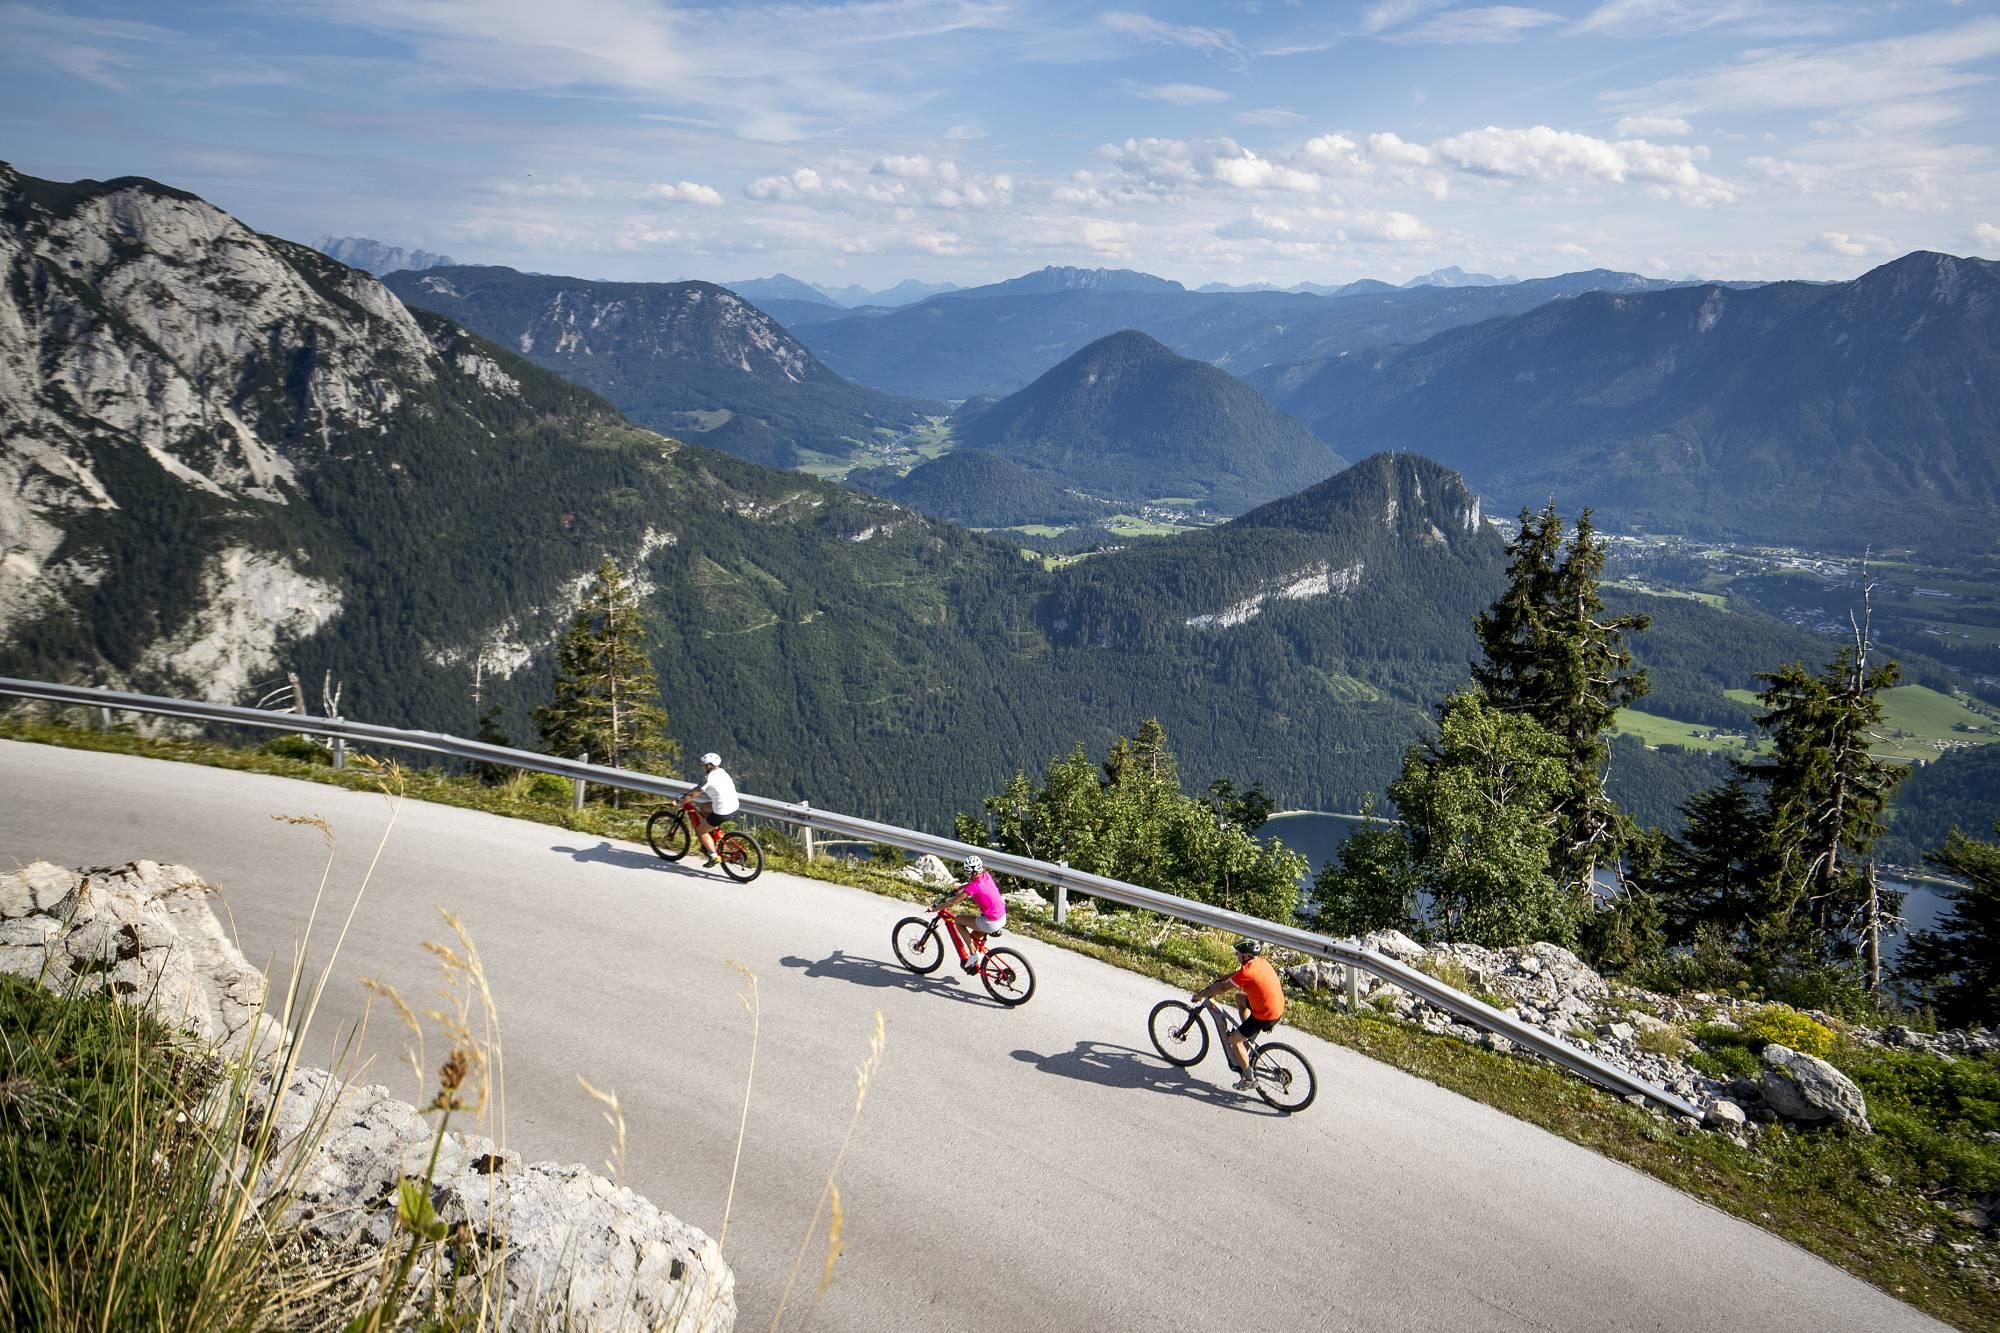 Drei Fahrradfahrer radeln sportlich die Loser Panoramastrasse bergauf.